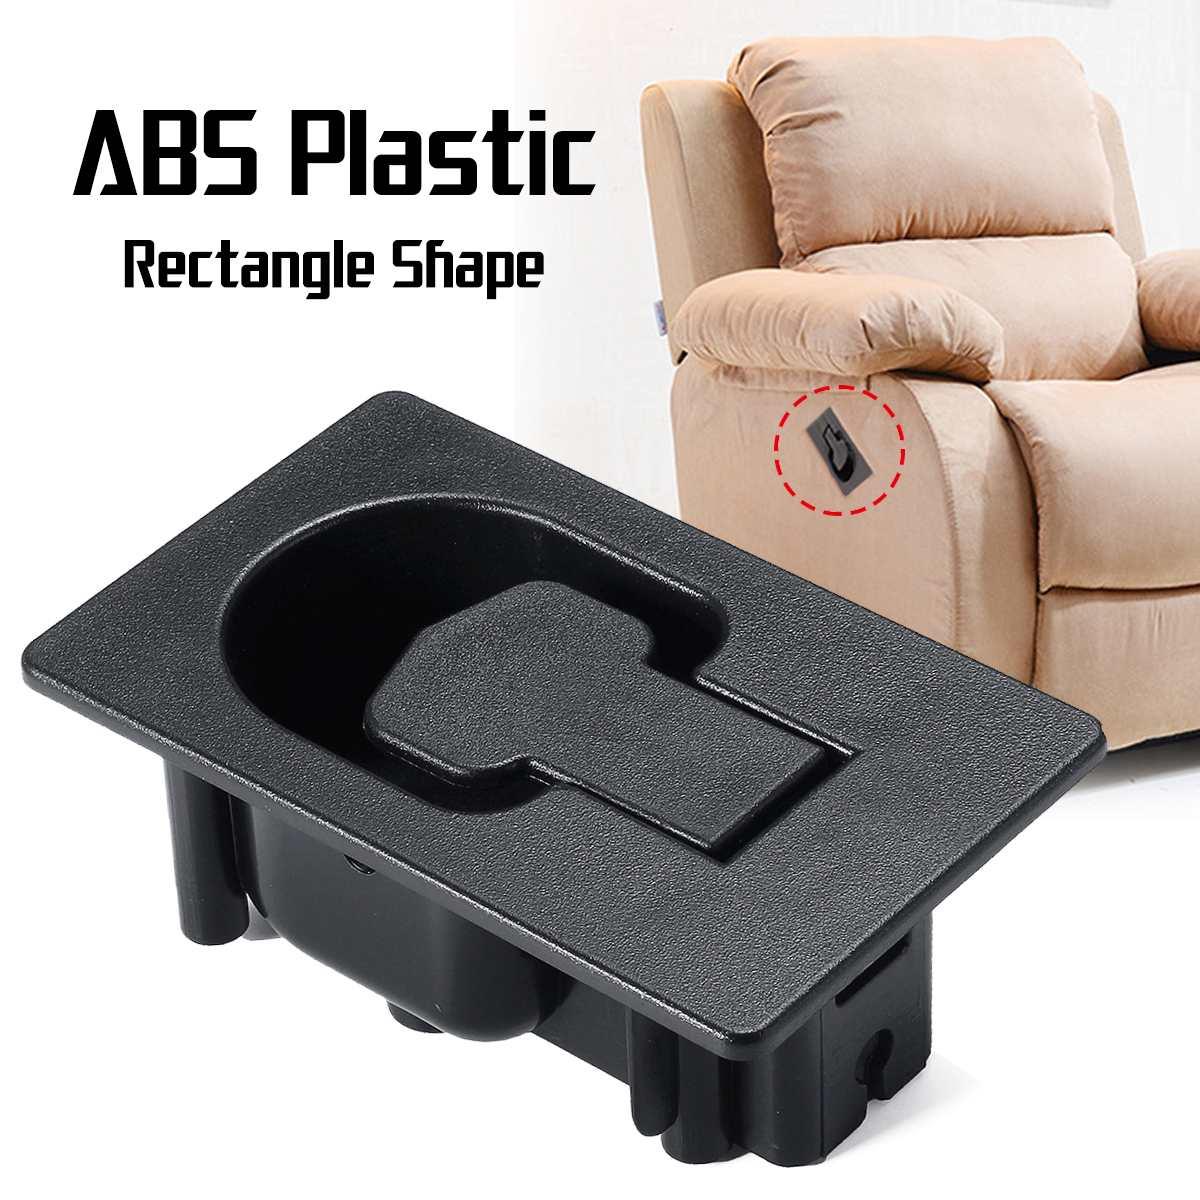 Humoristisch Abs Plastic Handvat Fauteuil Stoel Sofa Couch Ontsluitingshendel Vervanging Rechthoek